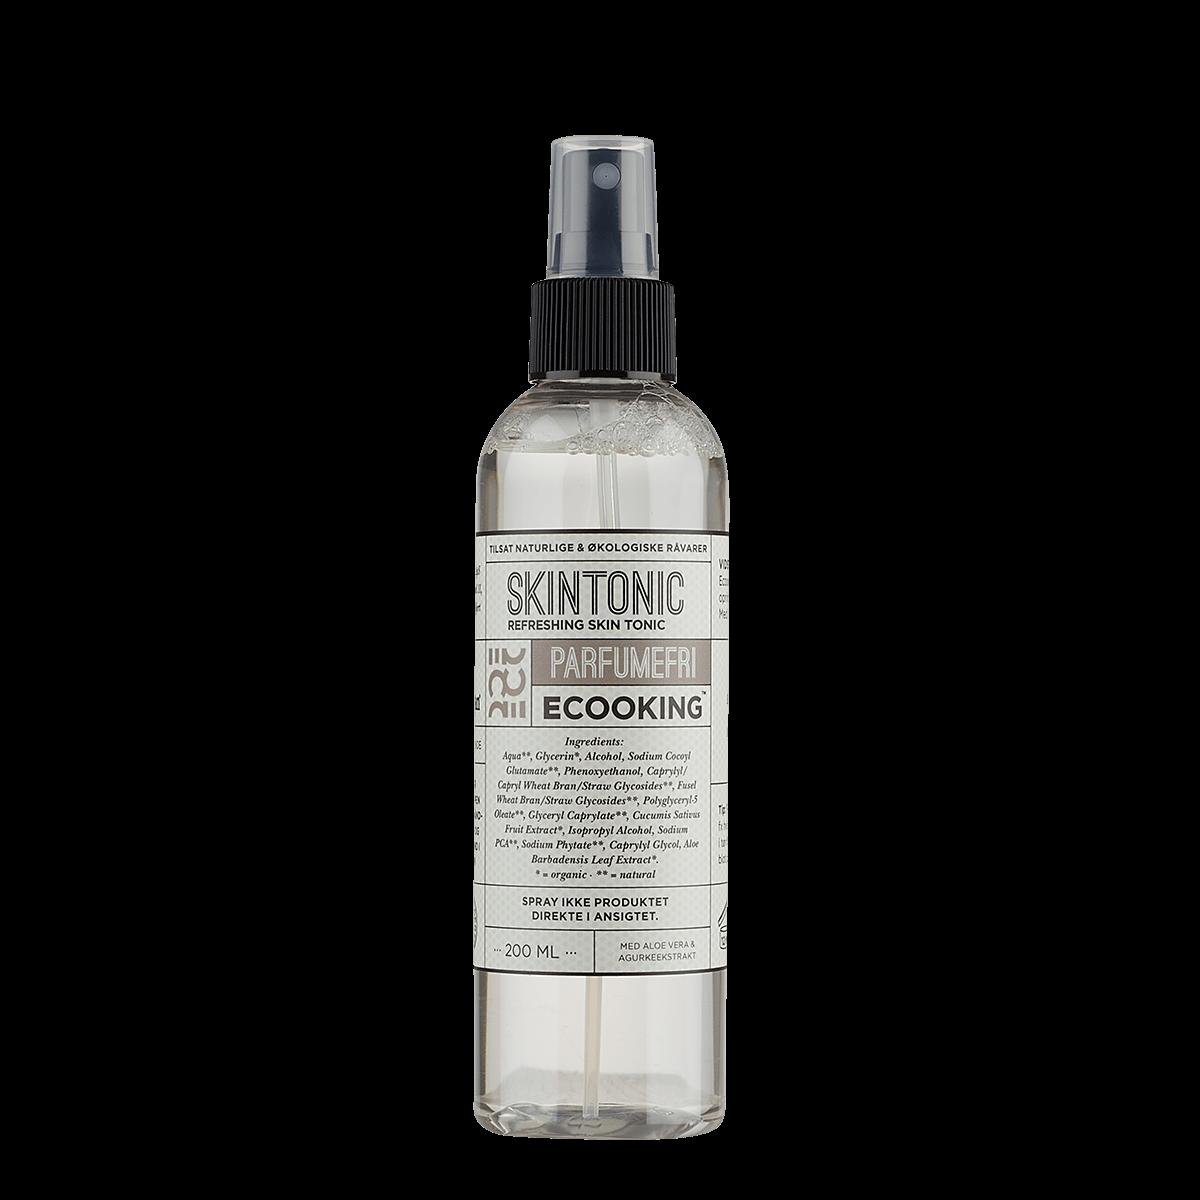 Skintonic Parfumefri 200 ml